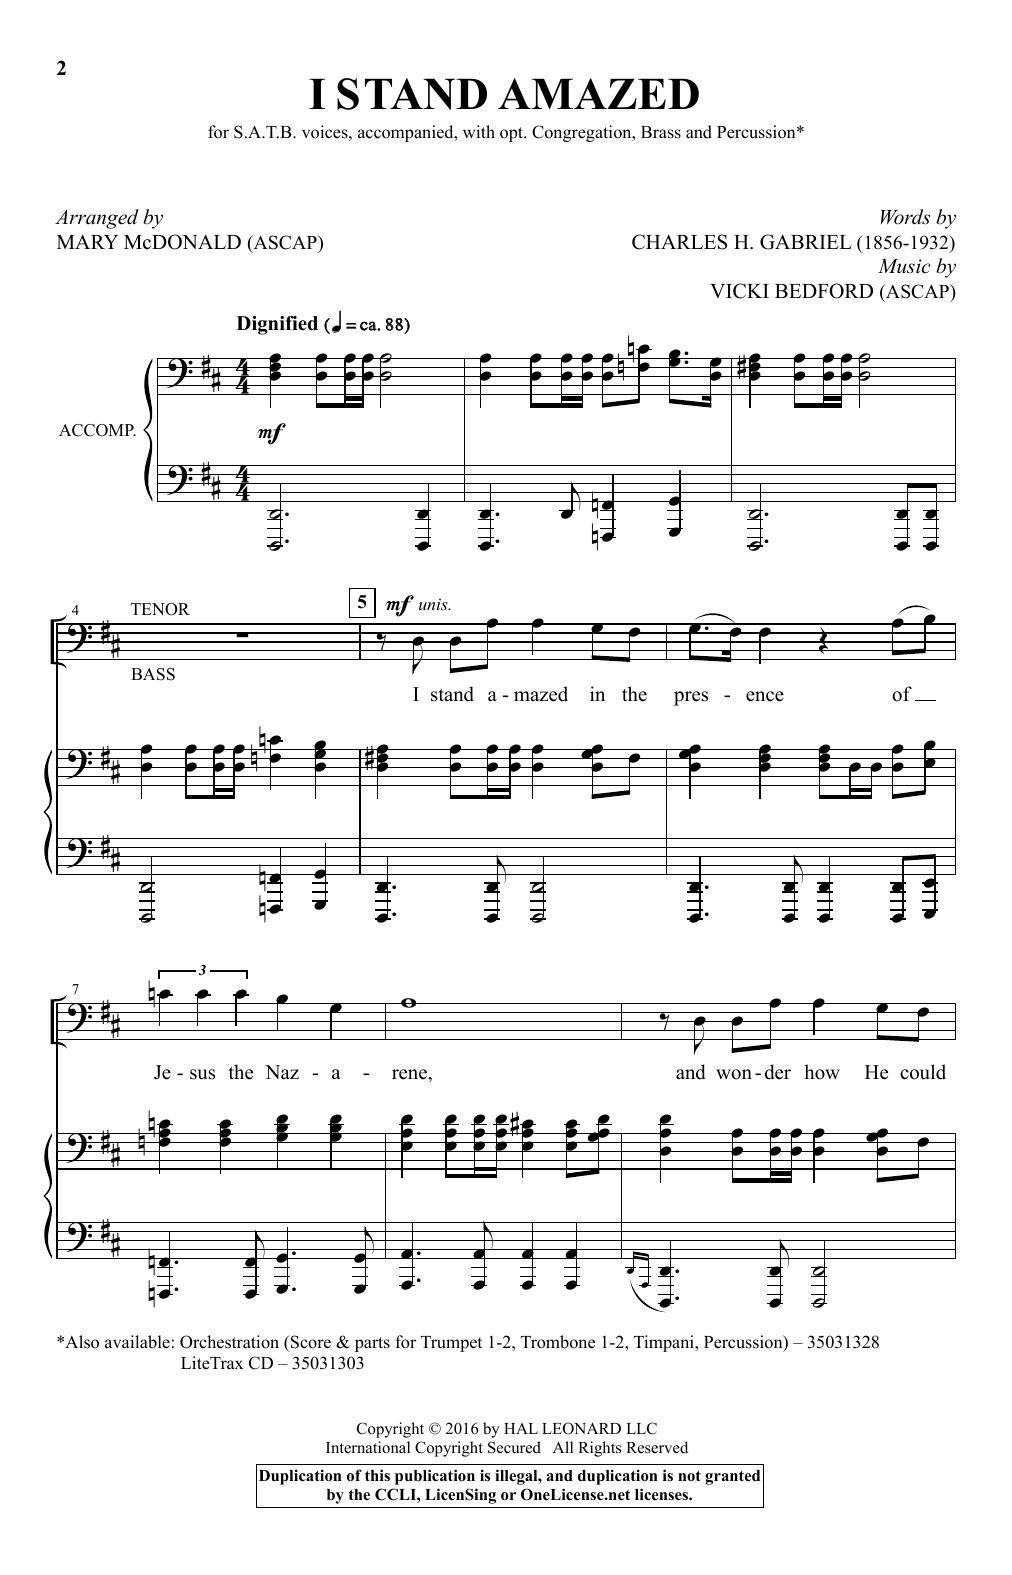 I Stand Amazed (arr. Mary McDonald) (SATB Choir)